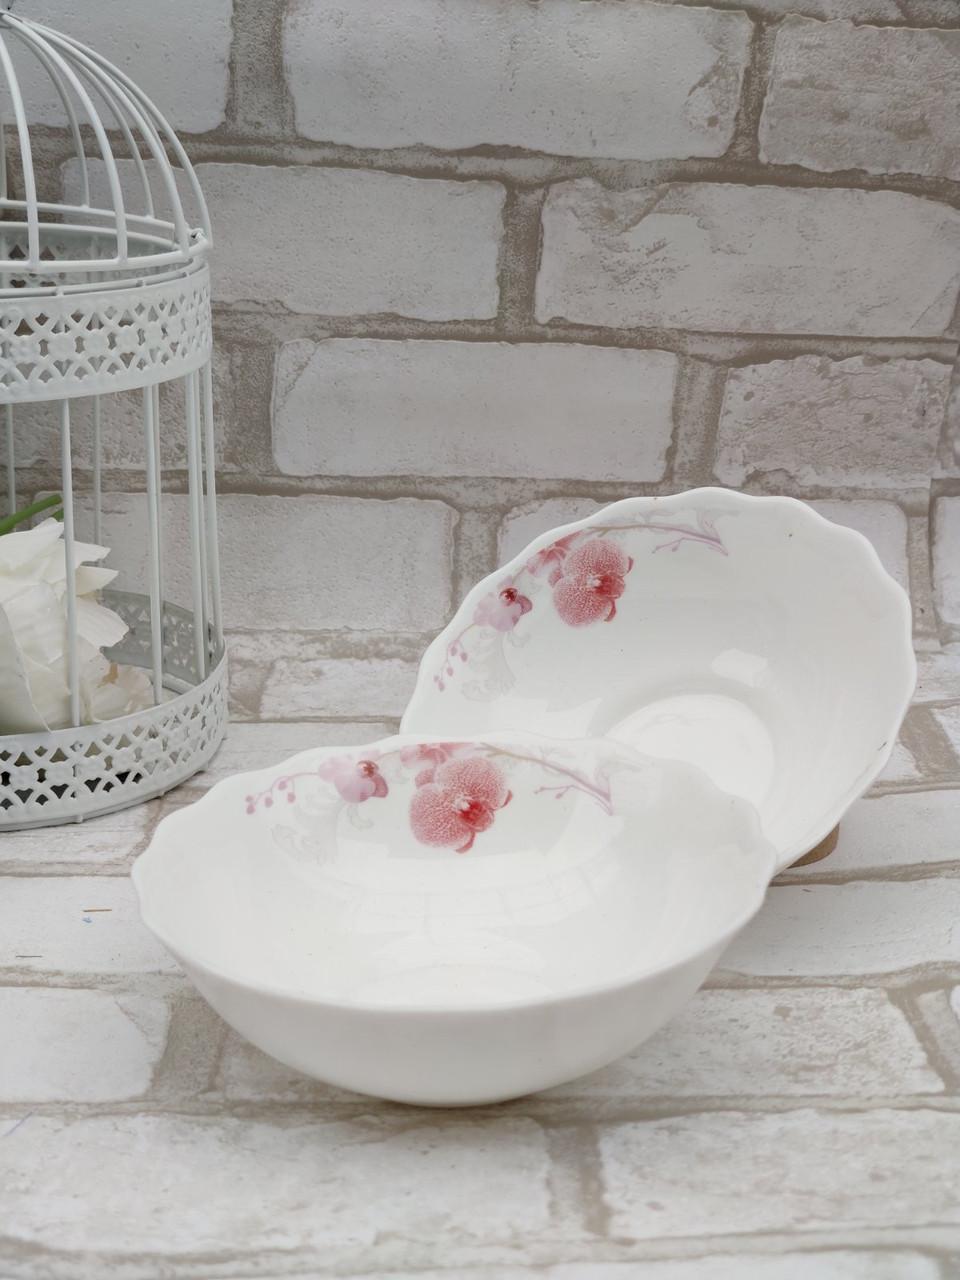 Салатник із склокераміки, декорований рожевою орхідеєю Діаметр 15,2 см (продаж лише упаковками, 6шт/уп)